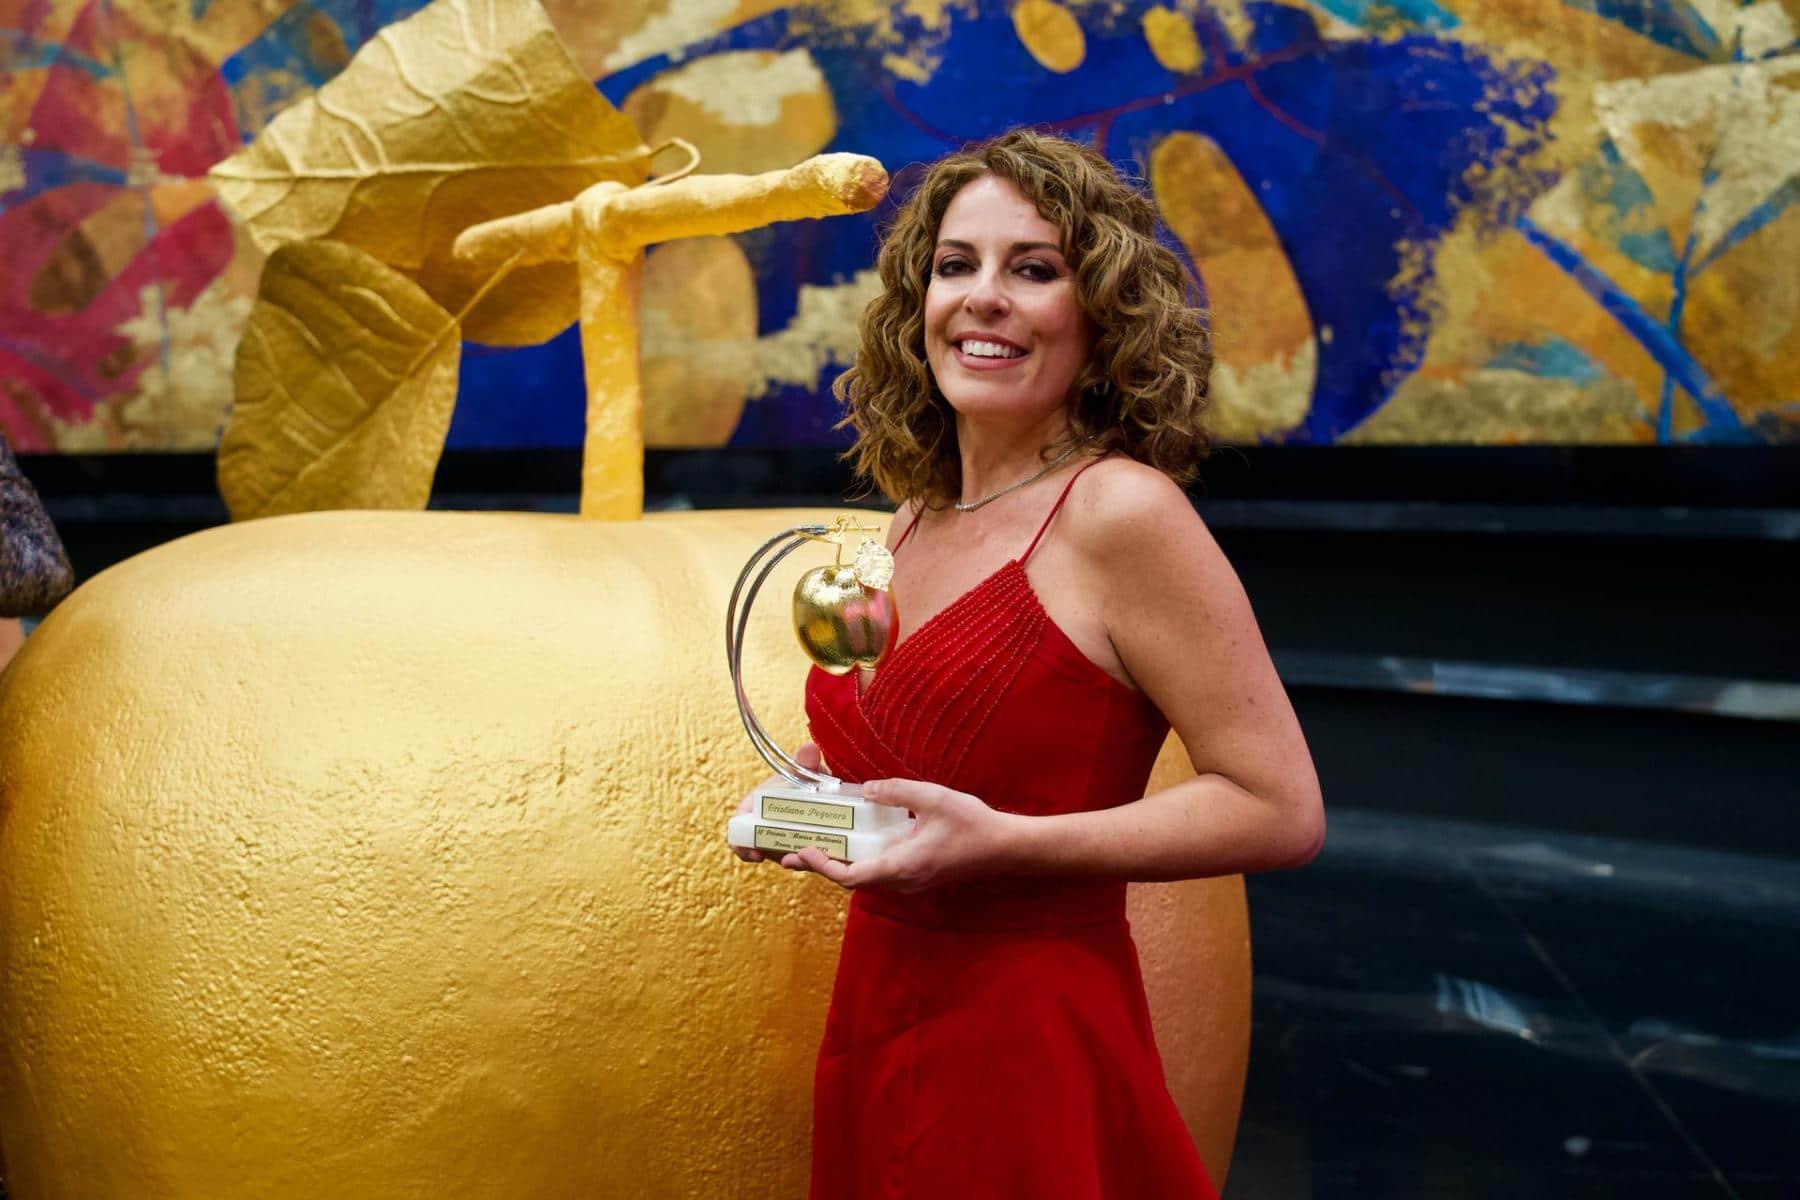 La pianista Cristiana Pegoraro riceve il premio la Mela d'Oro a Roma